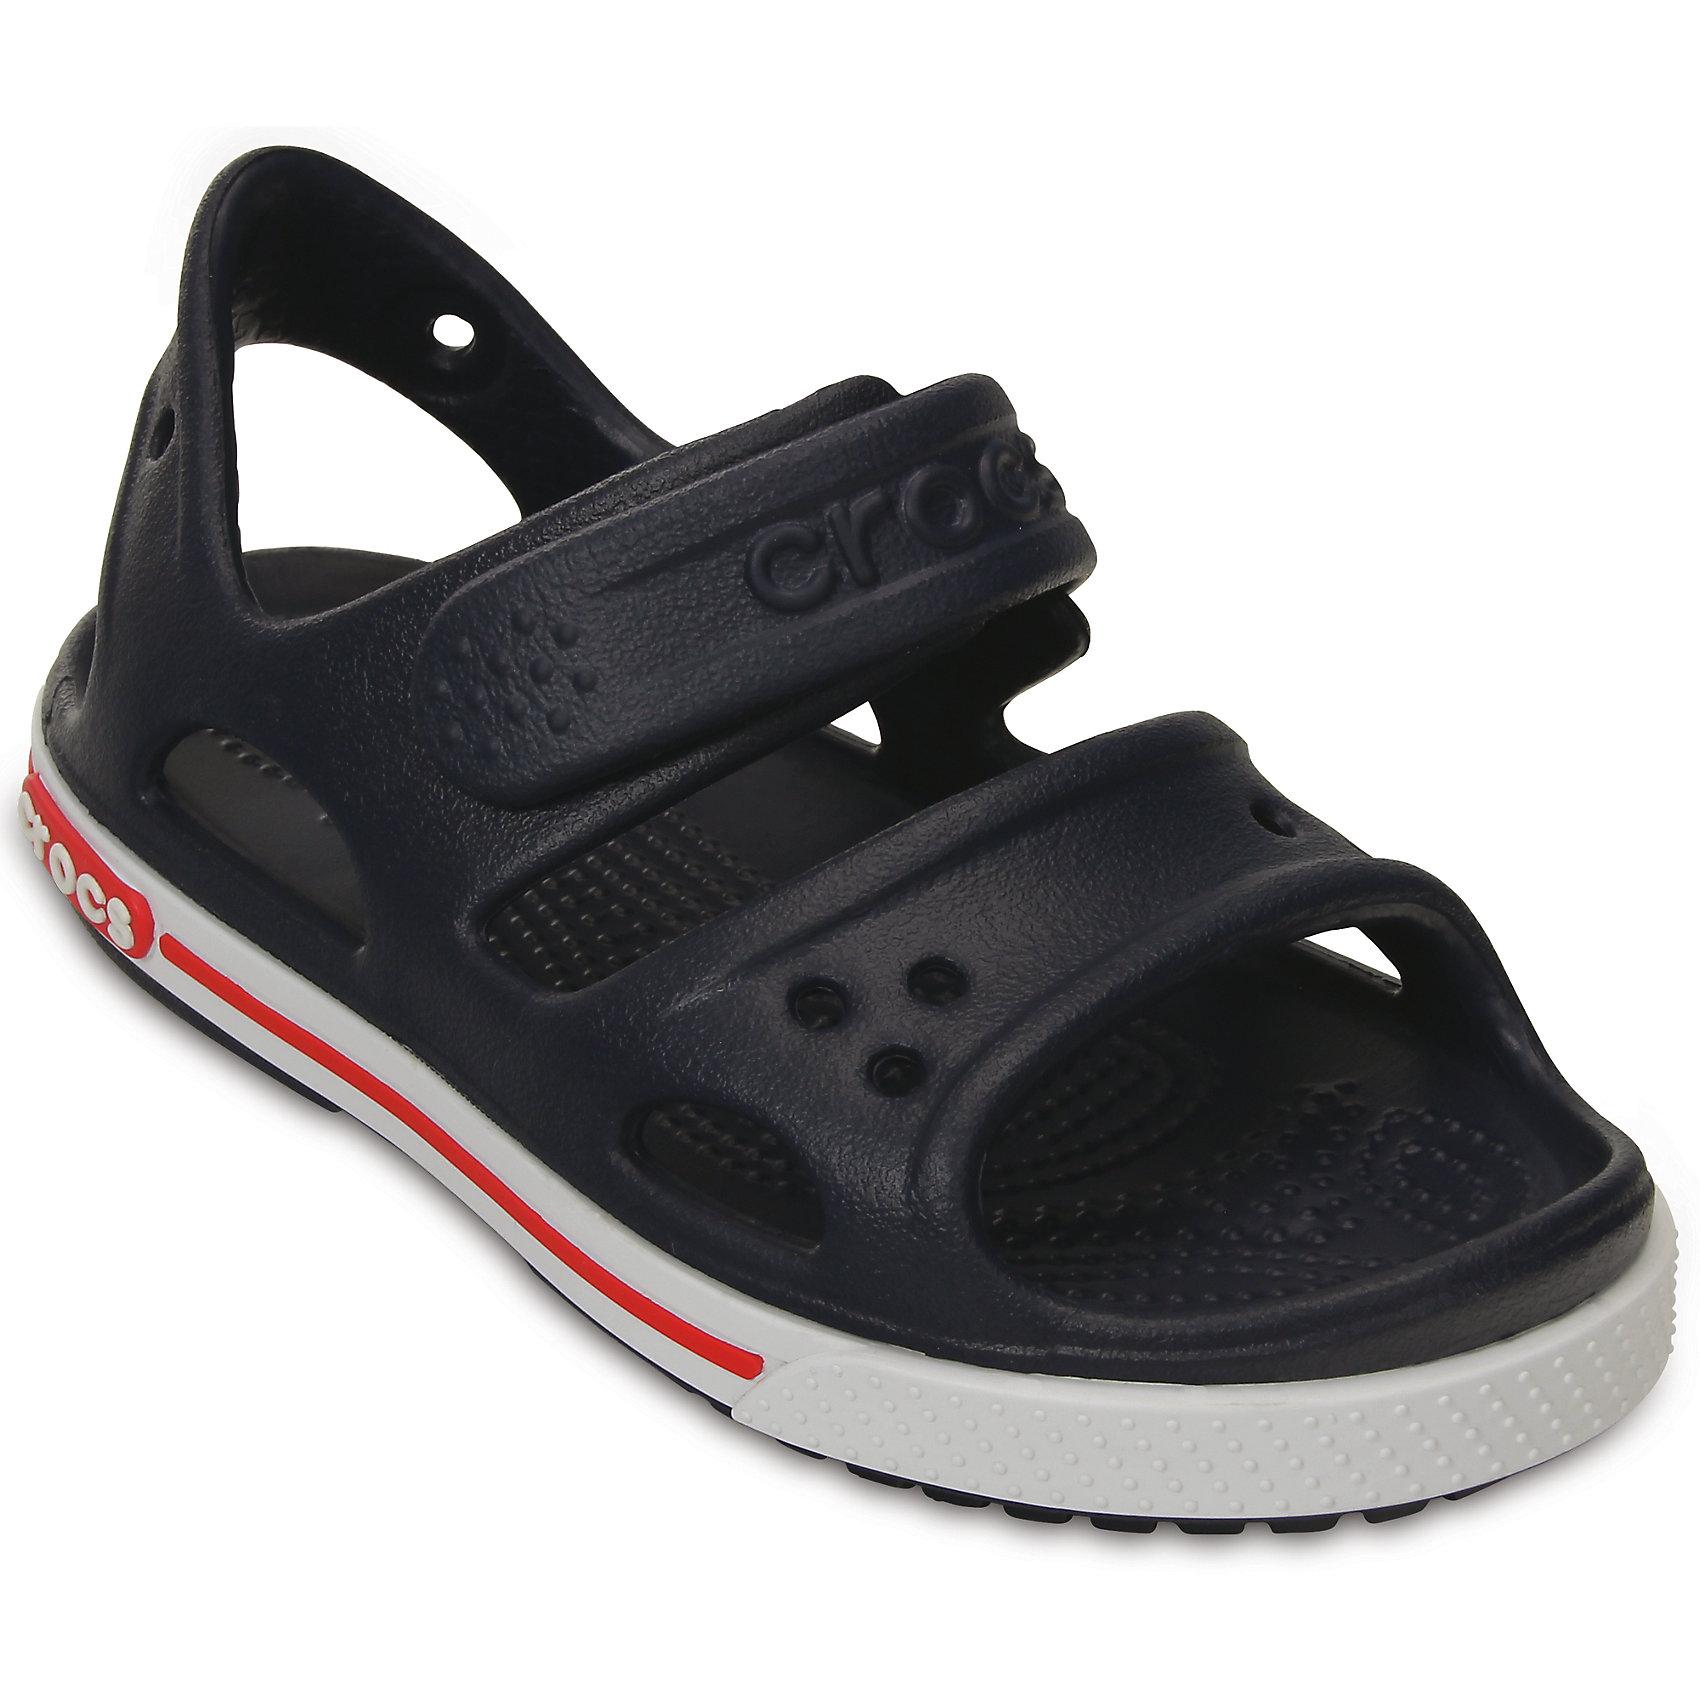 Сандалии Crocband II Sandal PS для мальчика Crocs, черныйСандалии<br>Характеристики товара:<br><br>• цвет: черный<br>• материал: 100% полимер Croslite™<br>• бактериостатичный материал<br>• ремешок фиксирует стопу<br>• антискользящая подошва<br>• сезон: лето<br>• страна бренда: США<br>• страна изготовитель: Китай<br><br>Обувь от американского бренда Crocs в данный момент завоевала широкую популярность во всем мире, и это не удивительно - ведь она невероятно удобна. <br><br>Её носят врачи, спортсмены, звёзды шоу-бизнеса, люди, которым много времени приходится бывать на ногах - они понимают, как важна комфортная обувь. <br><br>Продукция Crocs - это качественные товары, созданные с применением новейших технологий. <br><br>Обувь отличается стильным дизайном и продуманной конструкцией. <br><br>Изделие производится из качественных и проверенных материалов, которые безопасны для детей.<br><br>Материал, из которого они сделаны, не дает размножаться бактериям, поэтому такая обувь препятствует образованию неприятного запаха и появлению болезней стоп. <br><br>Сандалии для мальчика от торговой марки Crocs можно купить в нашем интернет-магазине.<br><br>Ширина мм: 219<br>Глубина мм: 154<br>Высота мм: 121<br>Вес г: 343<br>Цвет: синий<br>Возраст от месяцев: 132<br>Возраст до месяцев: 144<br>Пол: Мужской<br>Возраст: Детский<br>Размер: 34/35,28,24,30,29,27,25,23,21,26,22,31/32,33/34<br>SKU: 4033717